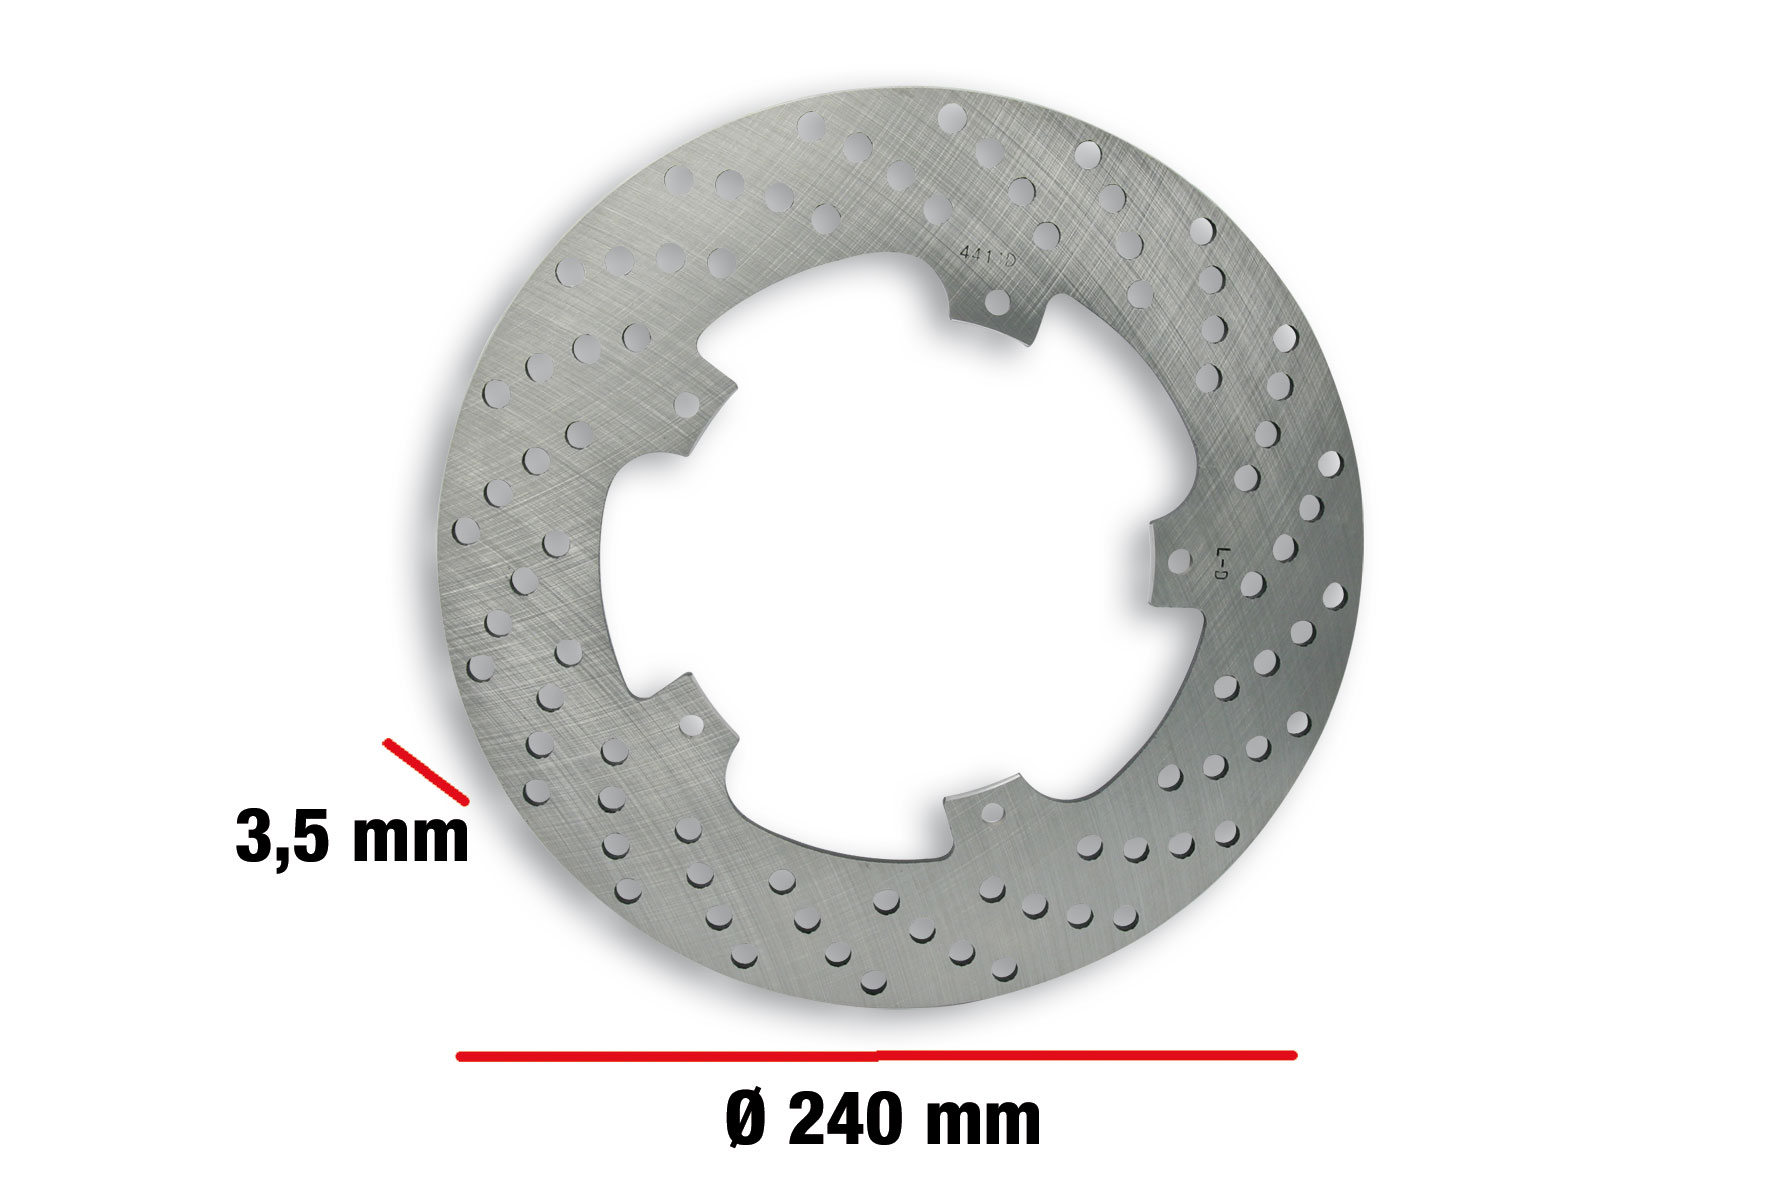 Disco freno BRAKE POWER DISC Ø esterno 240 - spessore 3,5 mm